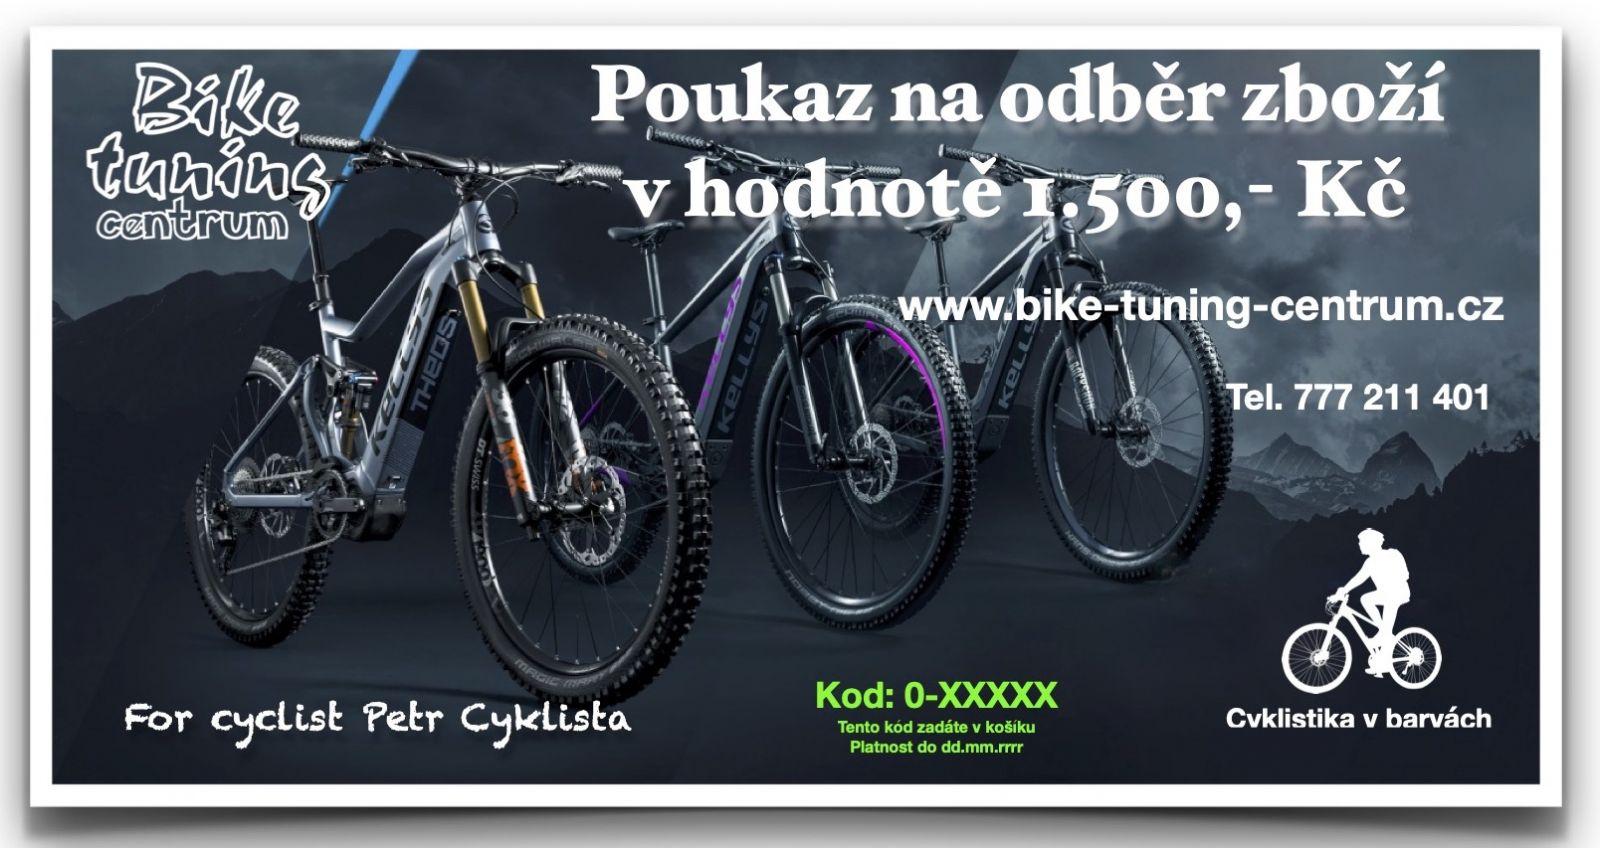 Dárkový poukaz v hodnotě 1.500,- Kč Bike tuning centrum